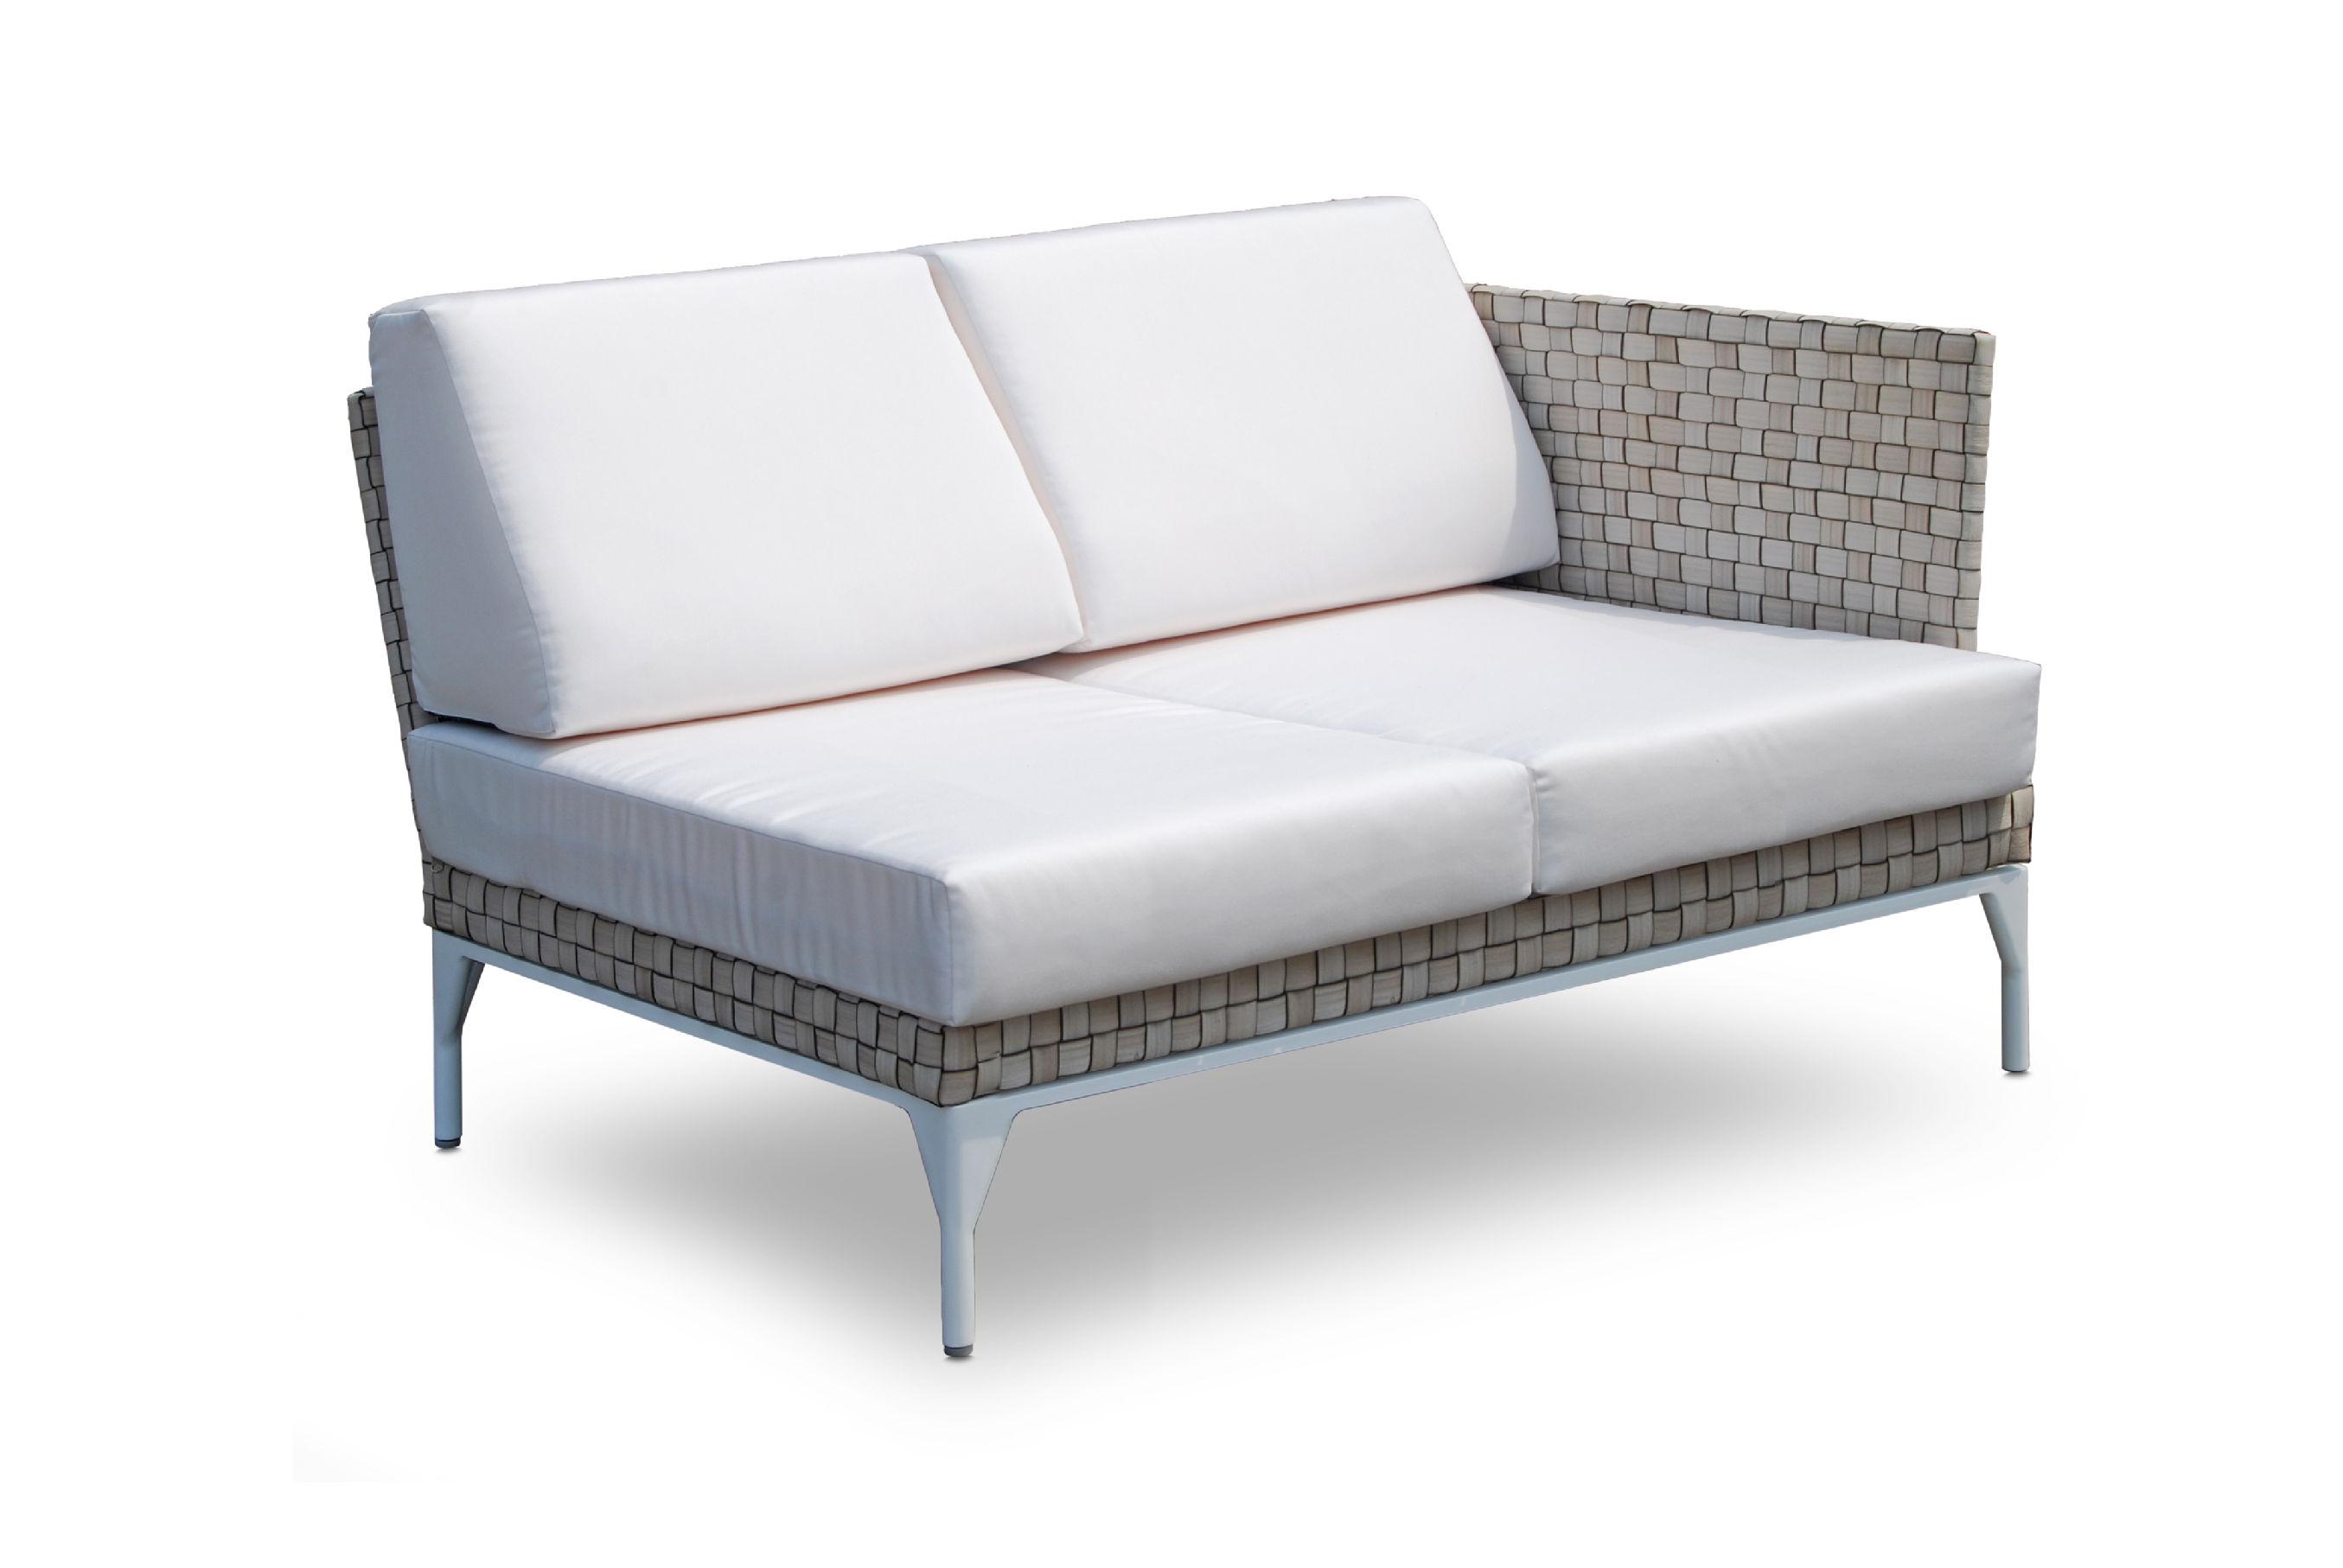 m ridienne r sine aluminium amnia de lusso 6034. Black Bedroom Furniture Sets. Home Design Ideas